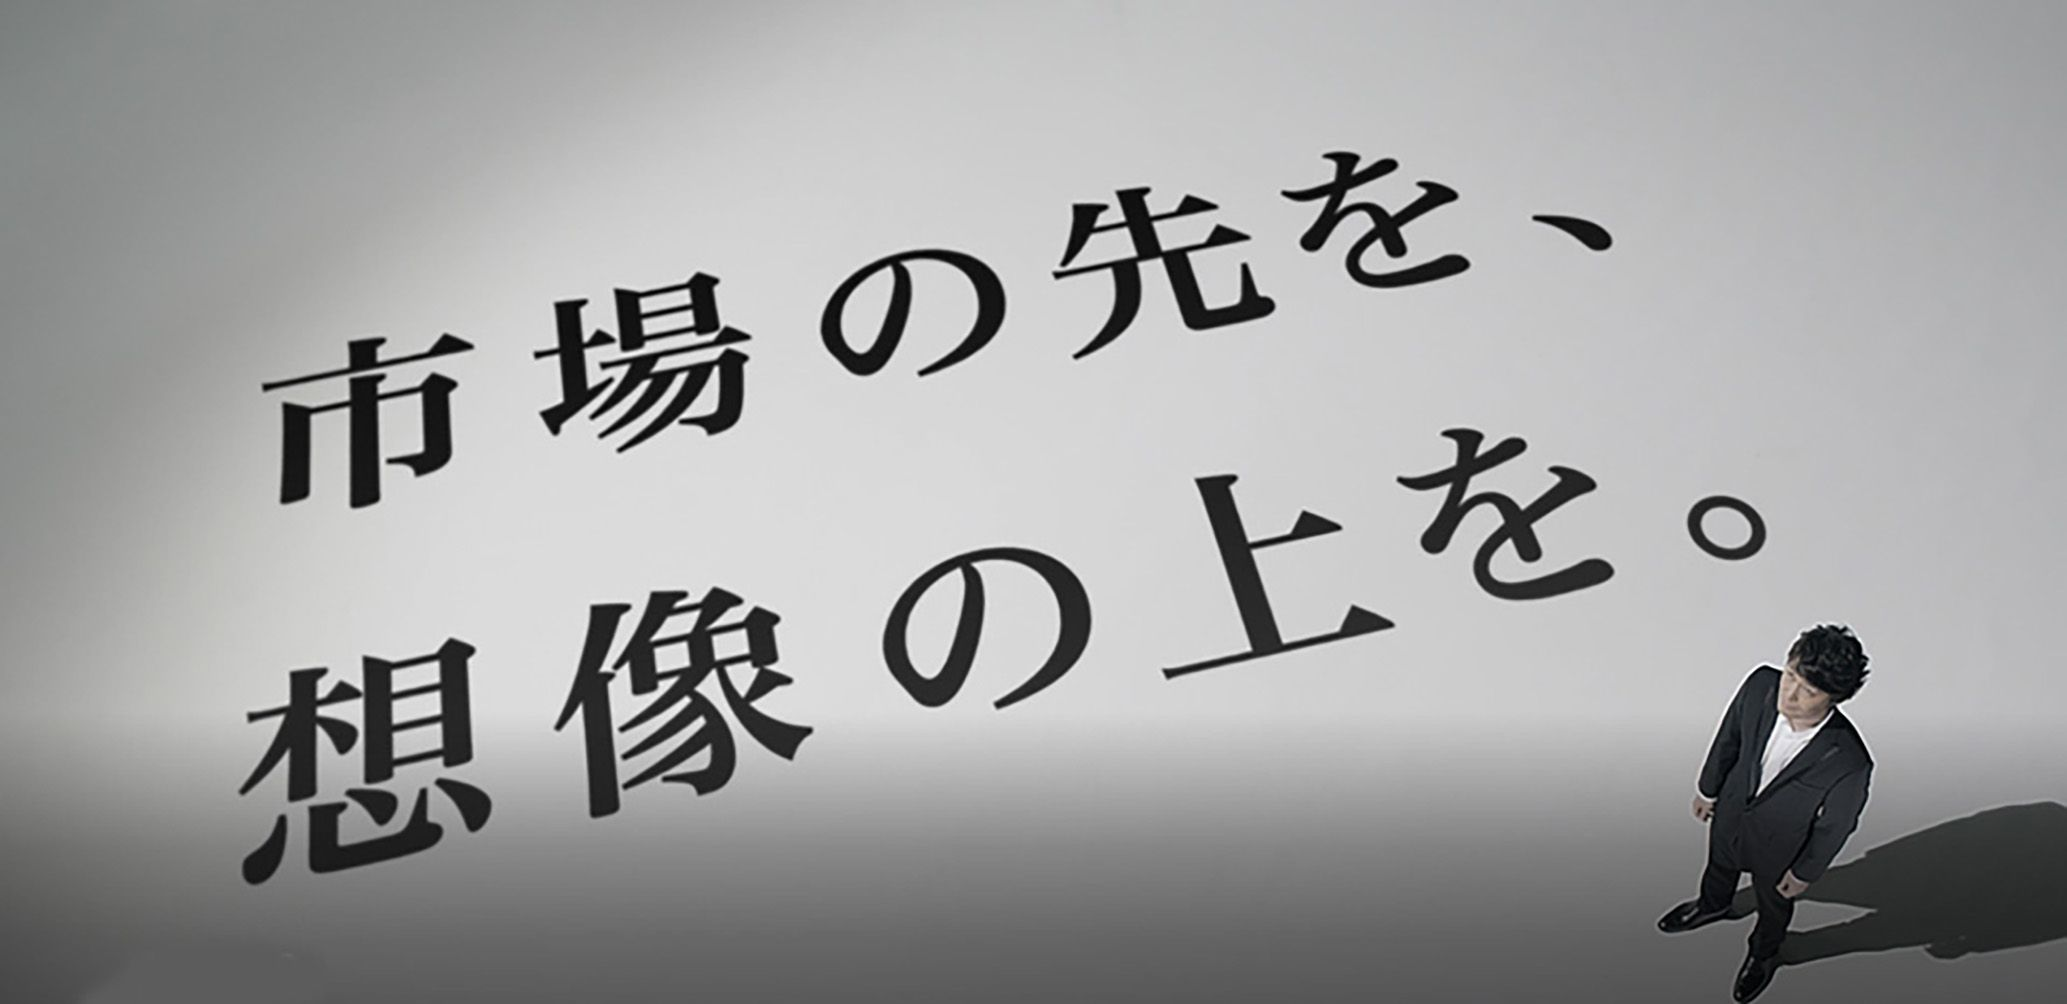 いまのわたしをつくるもの おしゃれまとめの人気アイデア pinterest ヤノ テックス 企業 スローガン 安田